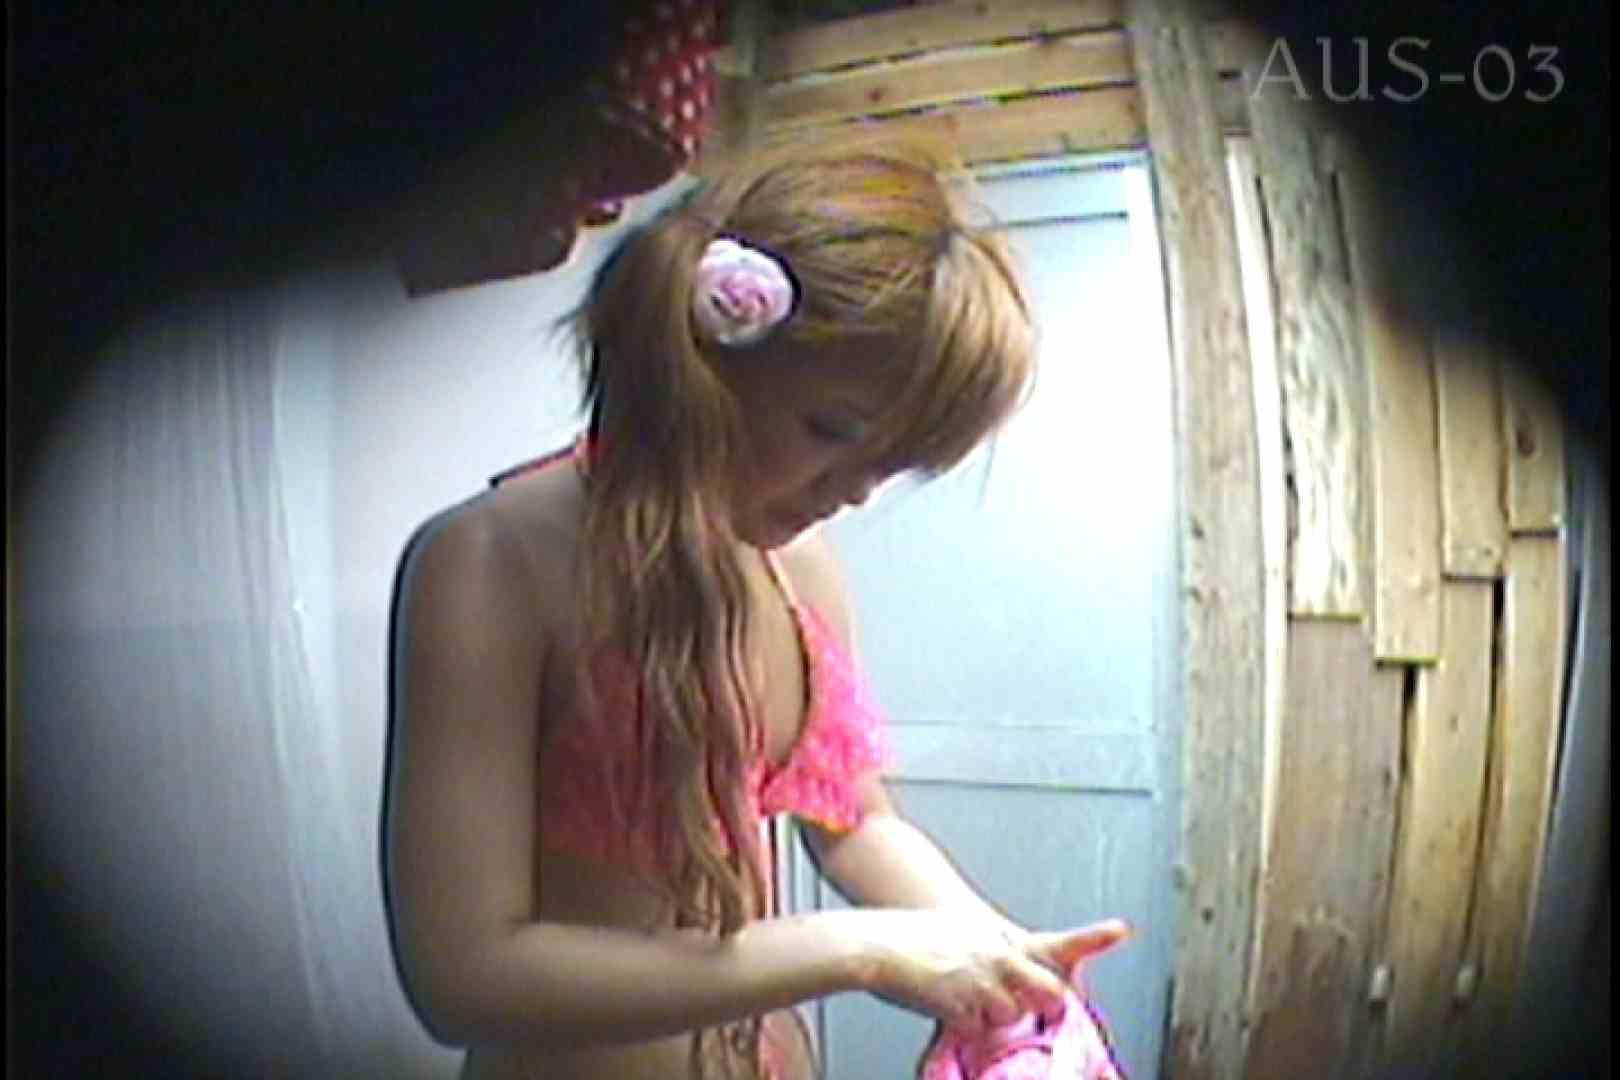 海の家の更衣室 Vol.14 桃色乳首 えろ無修正画像 100枚 24